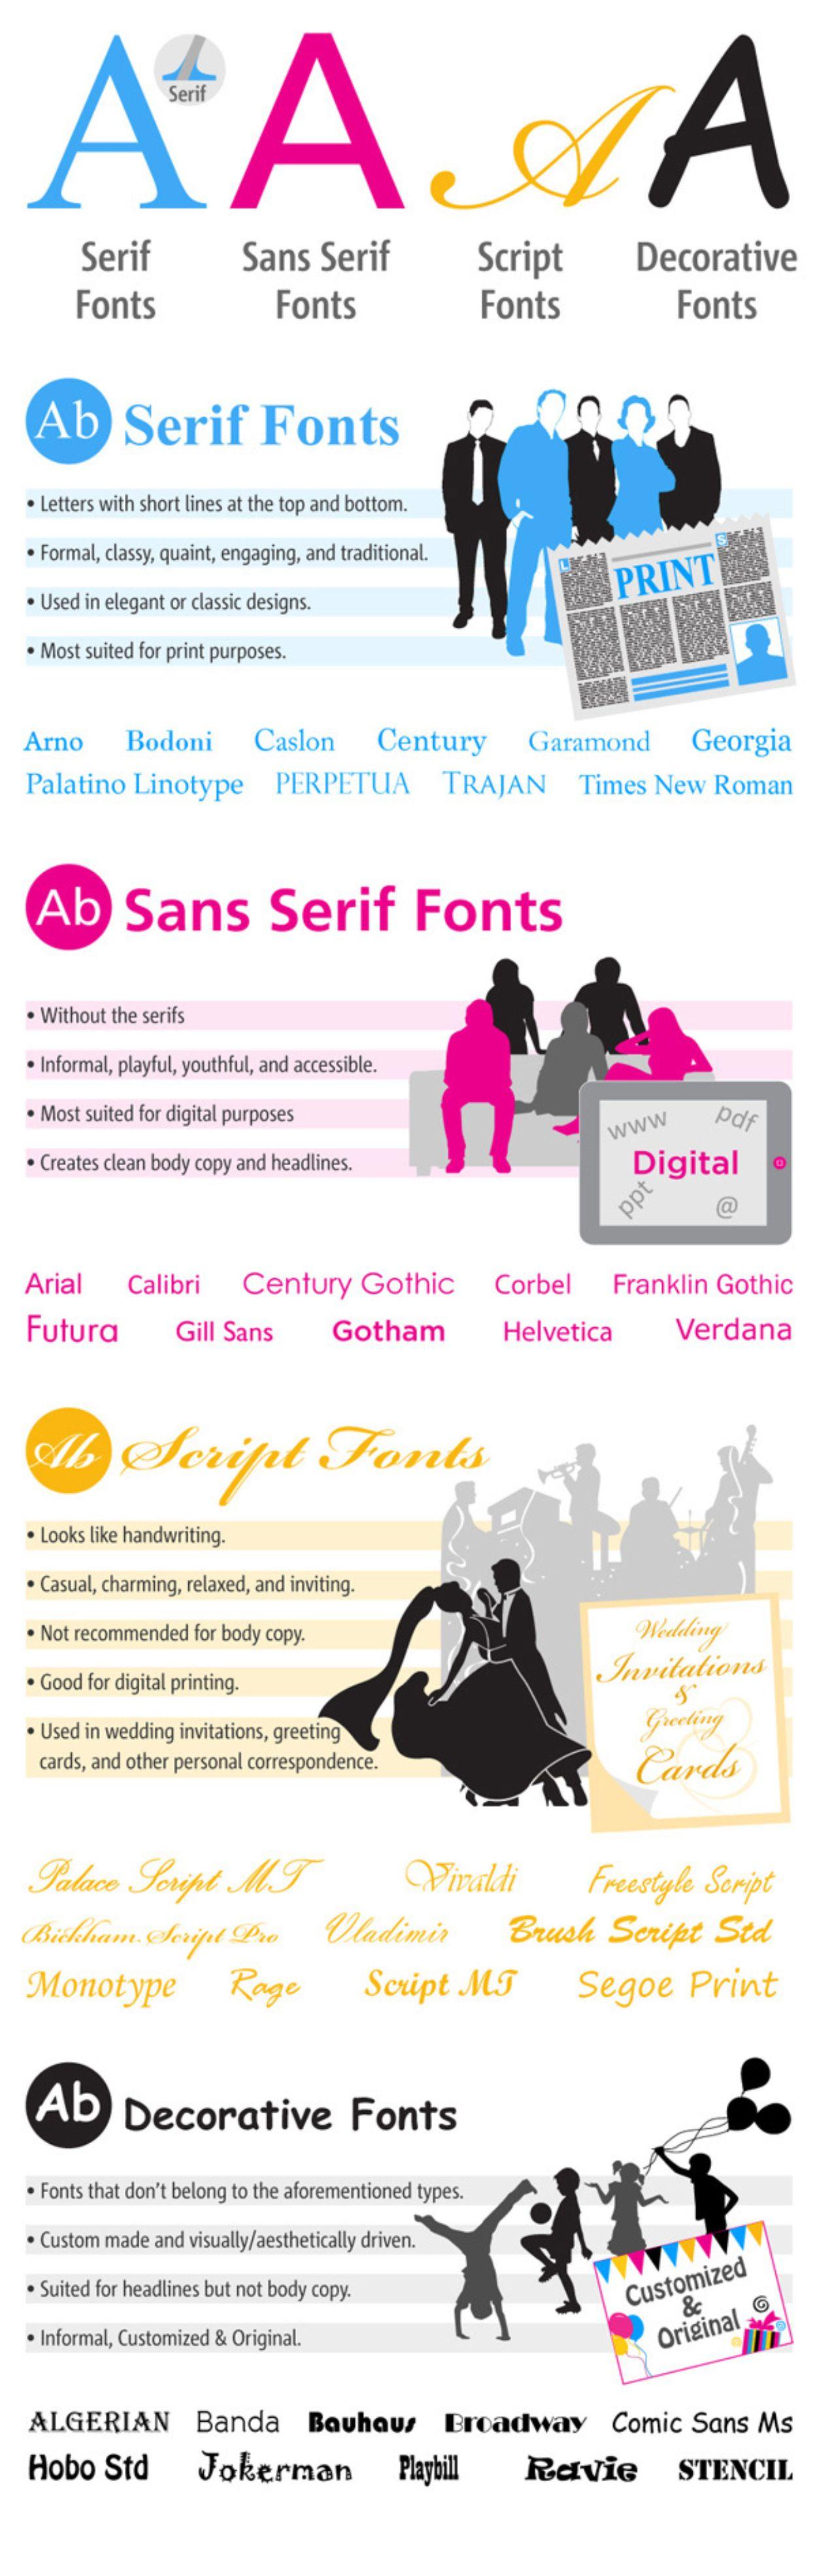 Una buena Font Guide para conocer la tipografía y su correcto uso.